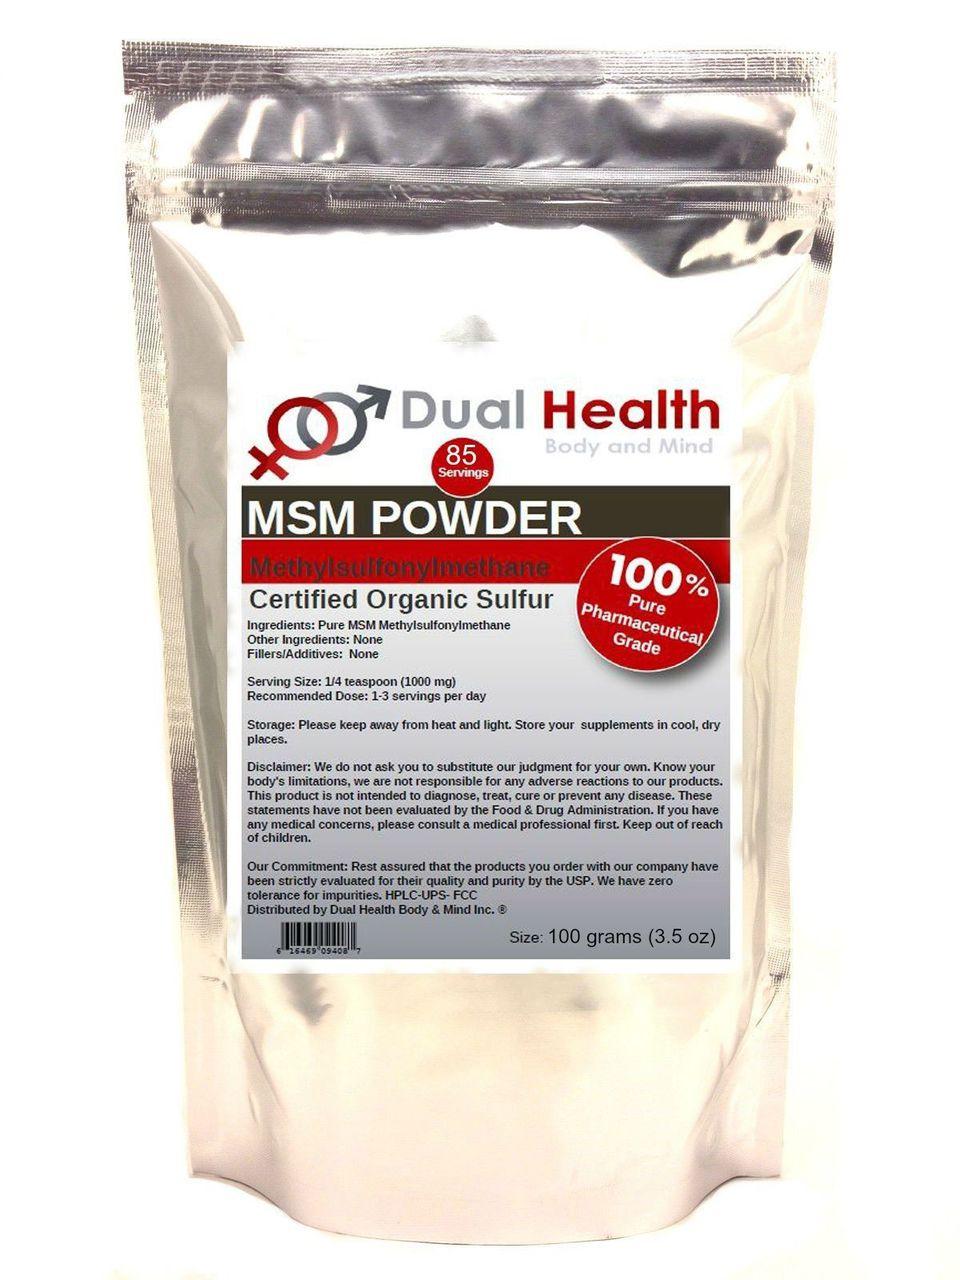 Pure MSM (Methylsulfonylmethane) Powder